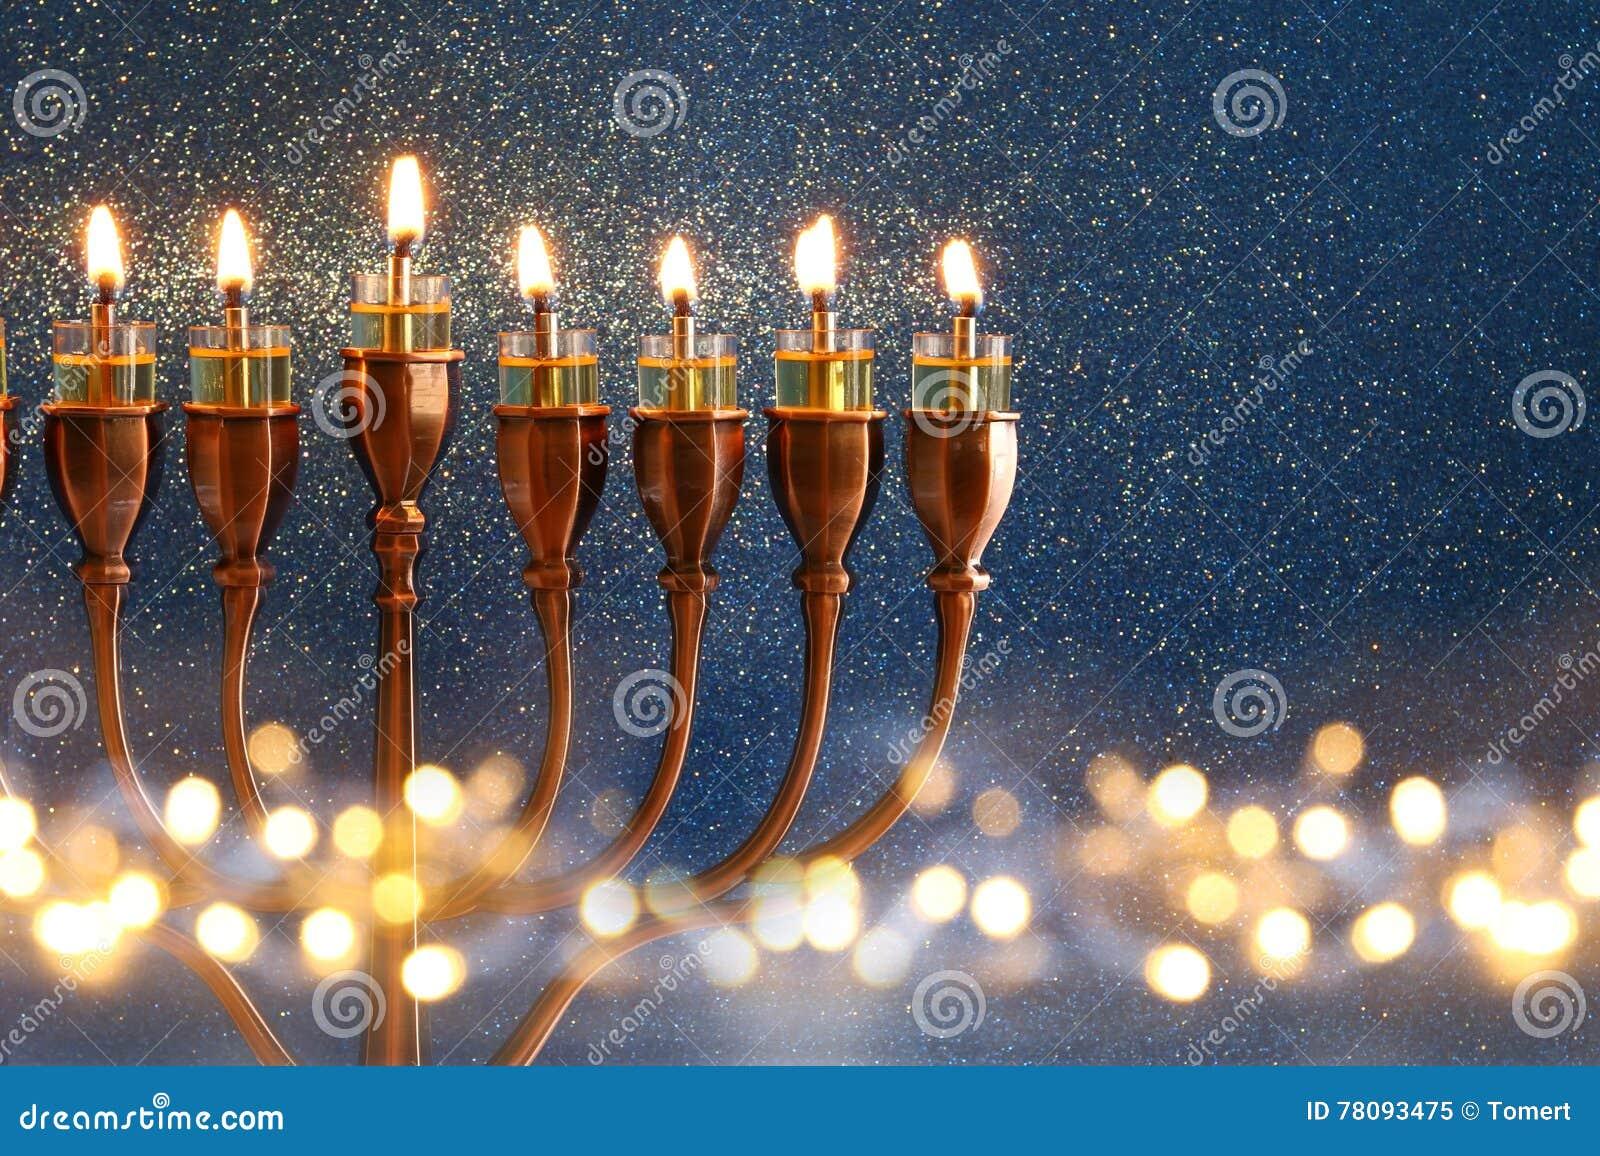 犹太假日光明节背景的低调图象